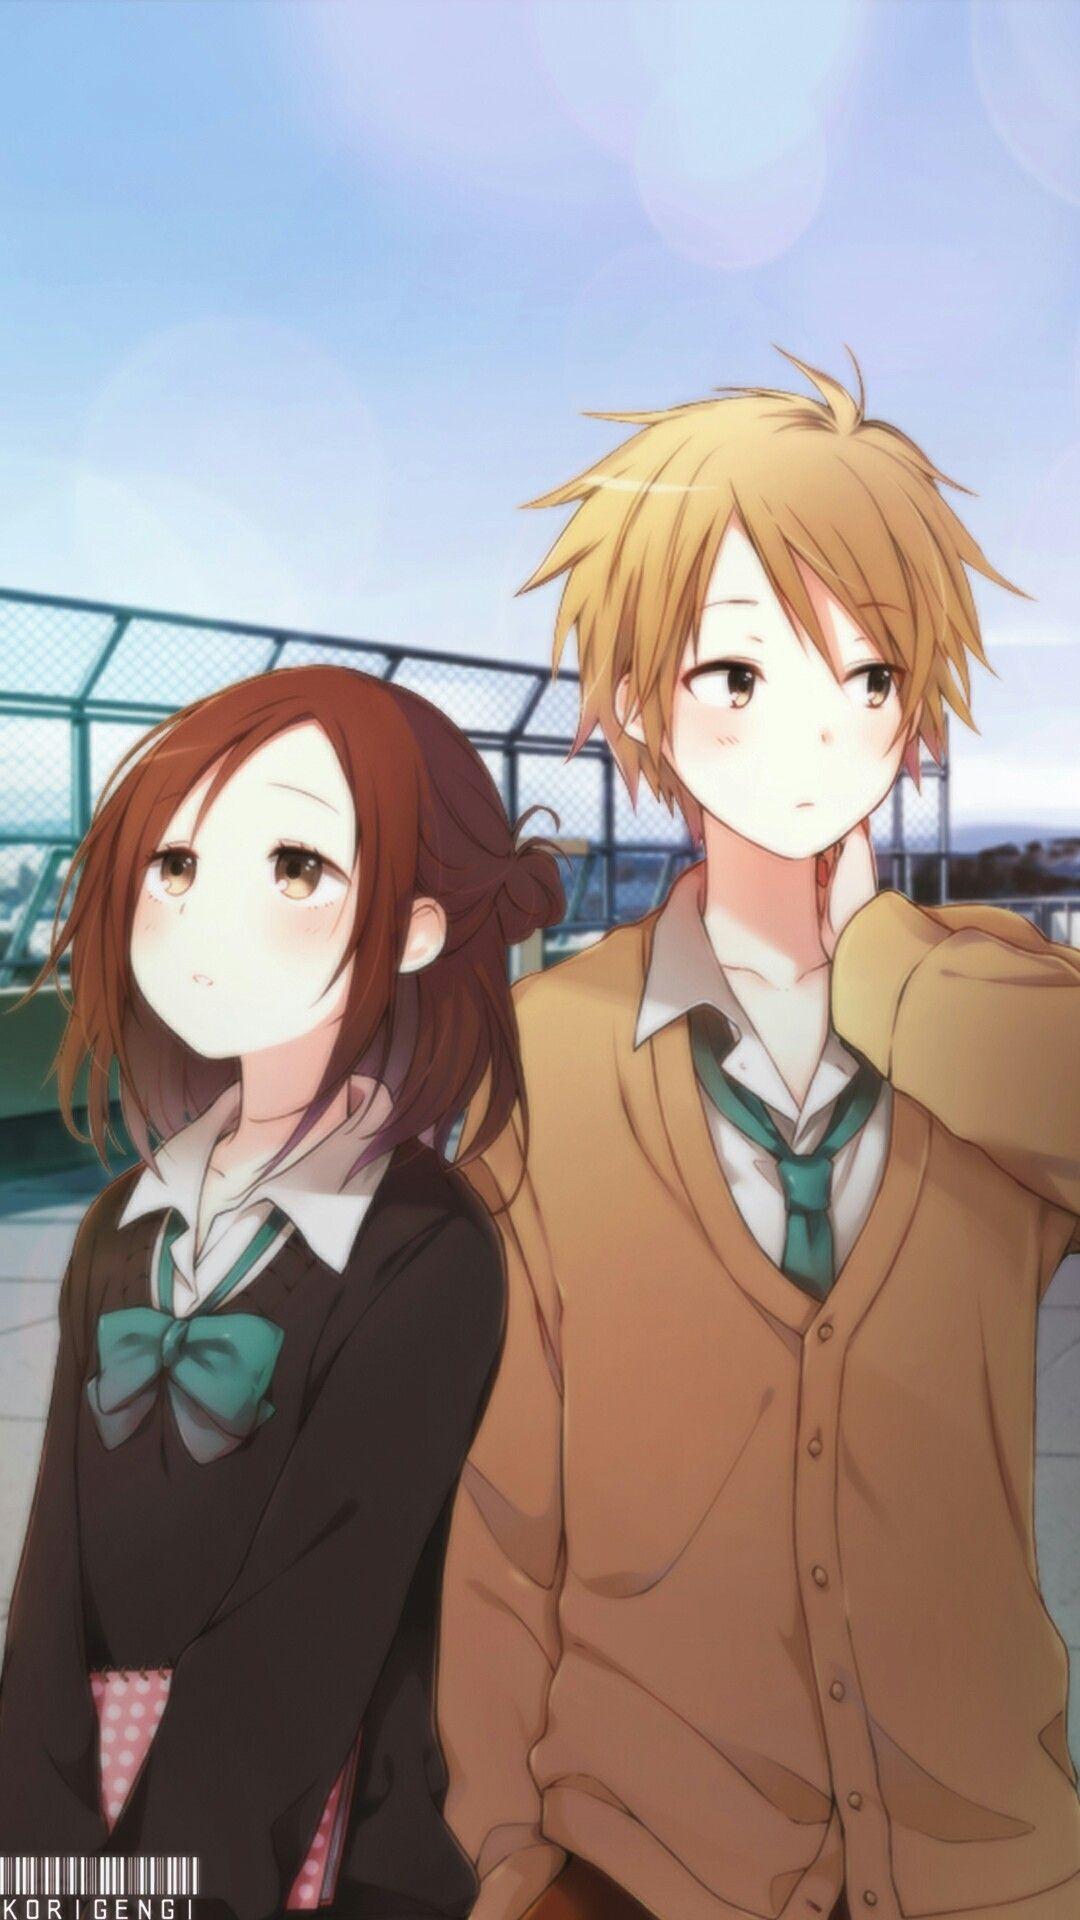 One Week Friends Anime - HD Wallpaper